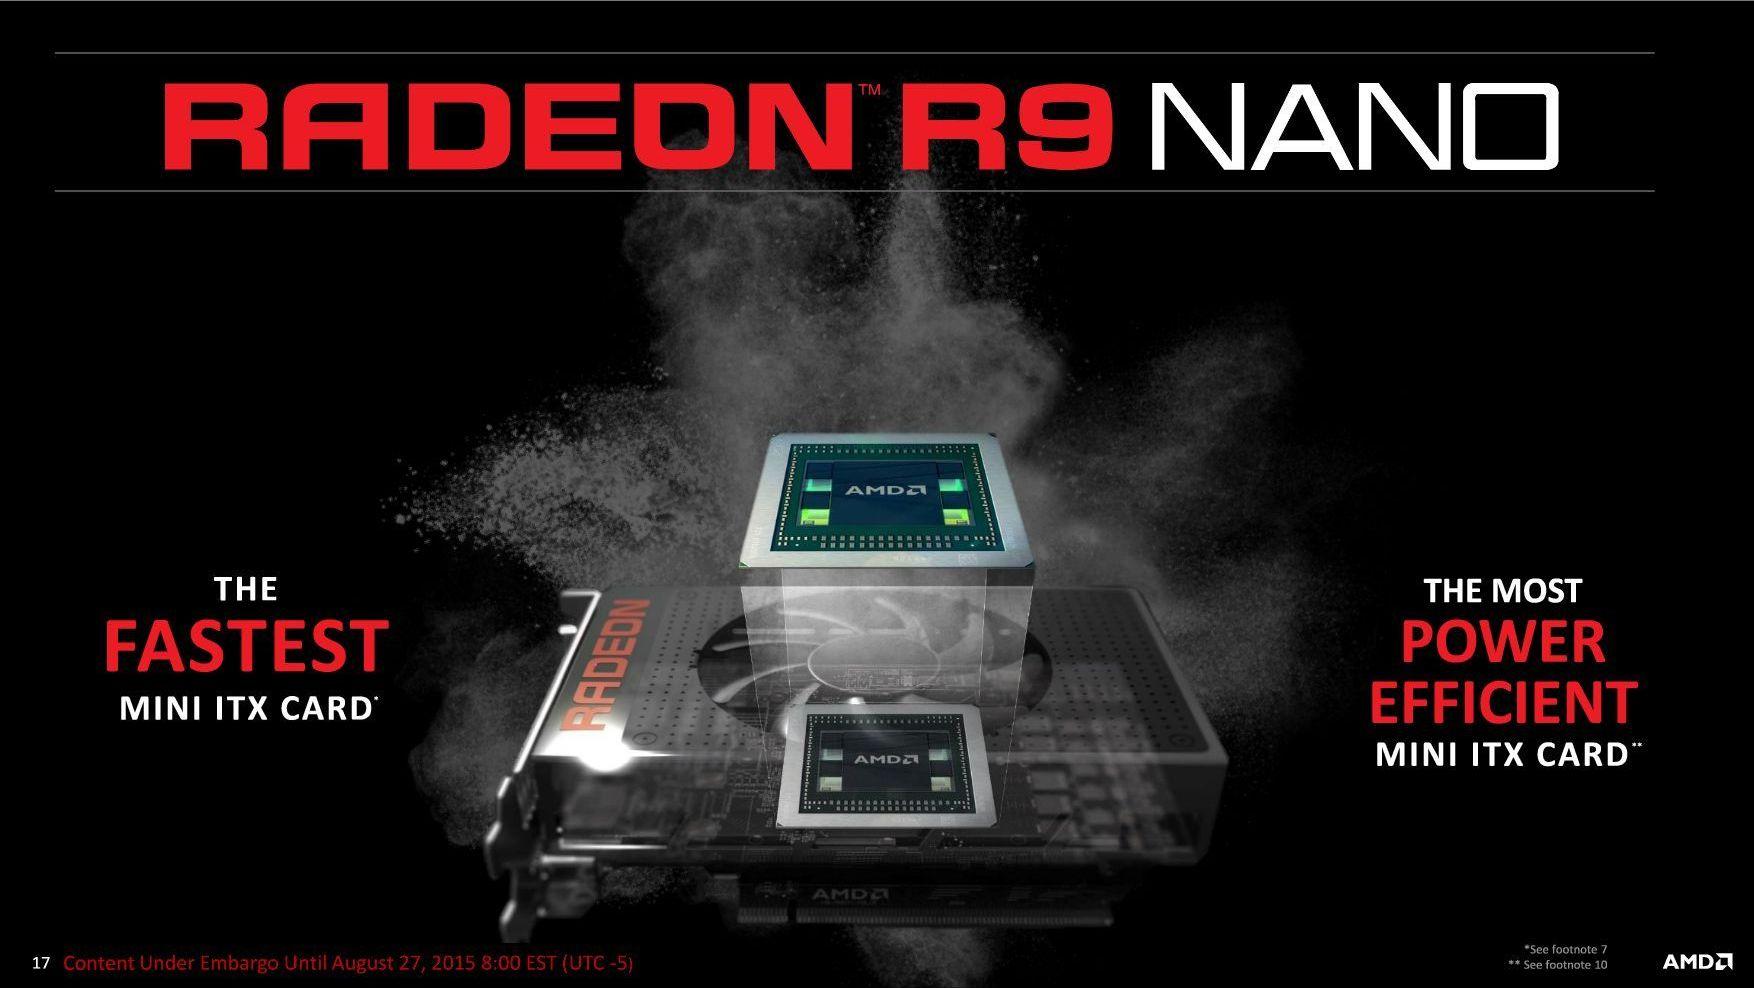 AMD_R9_Nano_slide_017